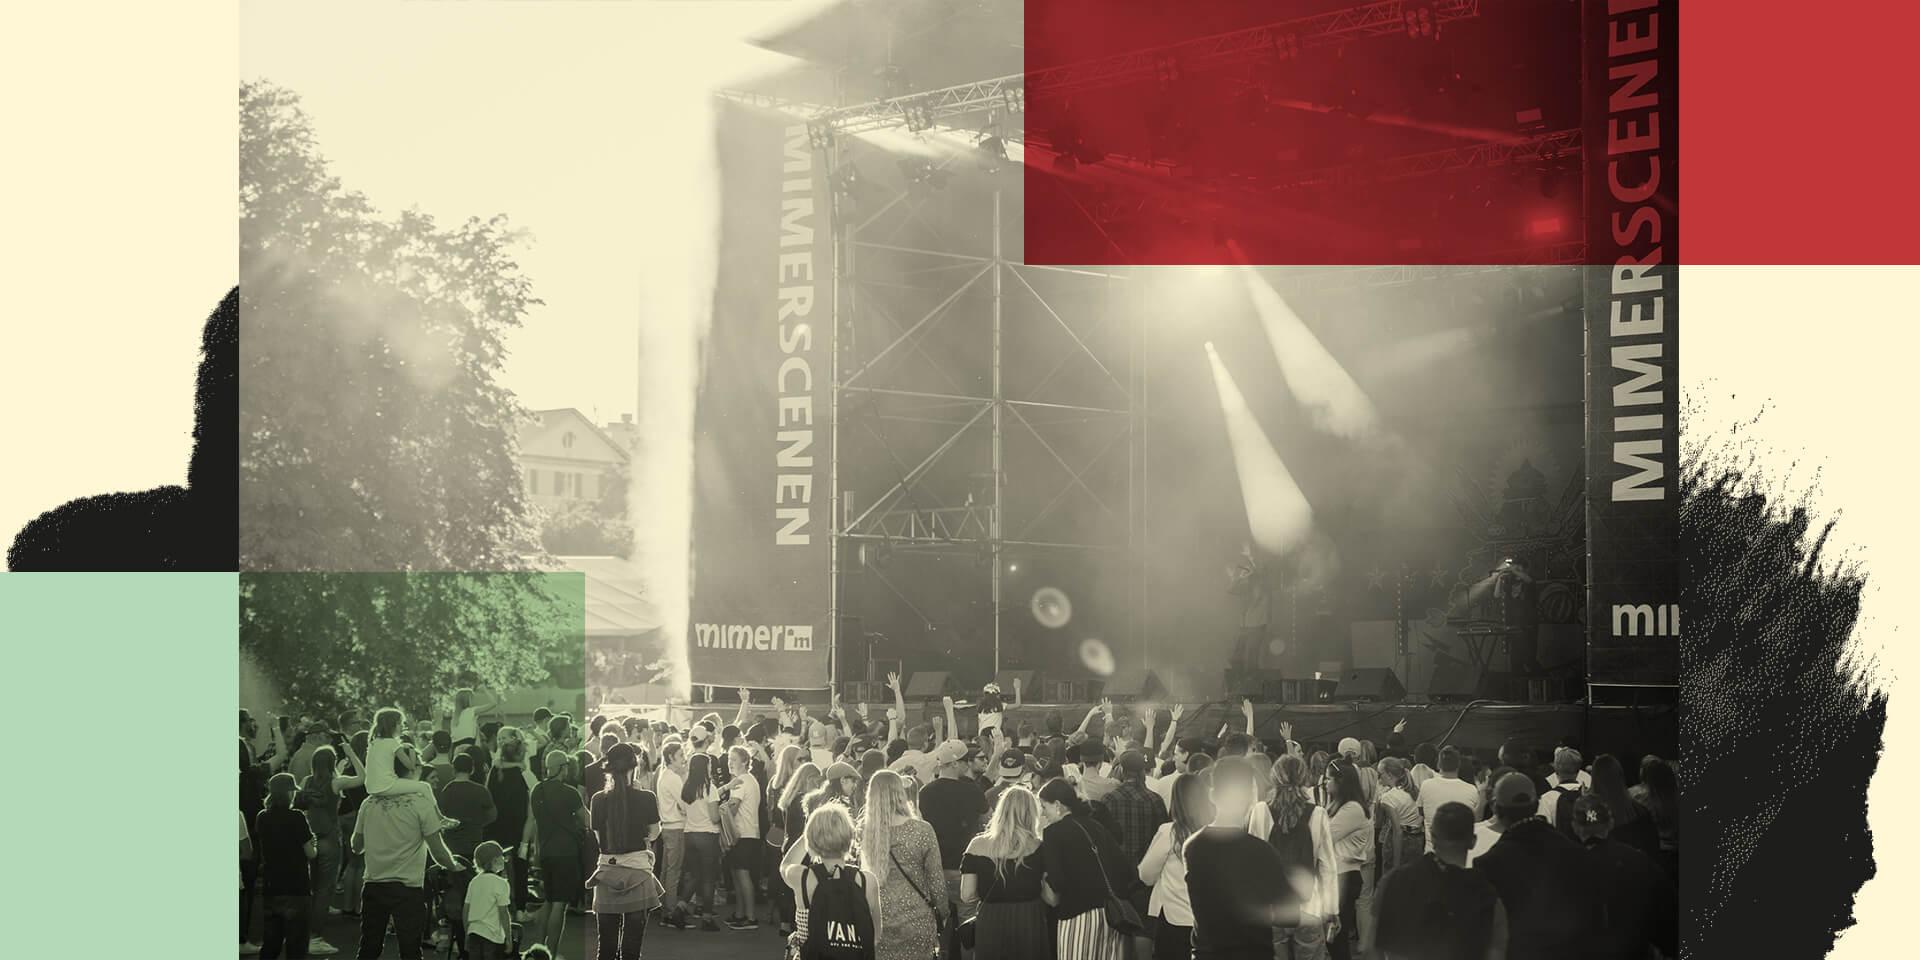 Västerås Cityfestival 2019 26-29 Juni